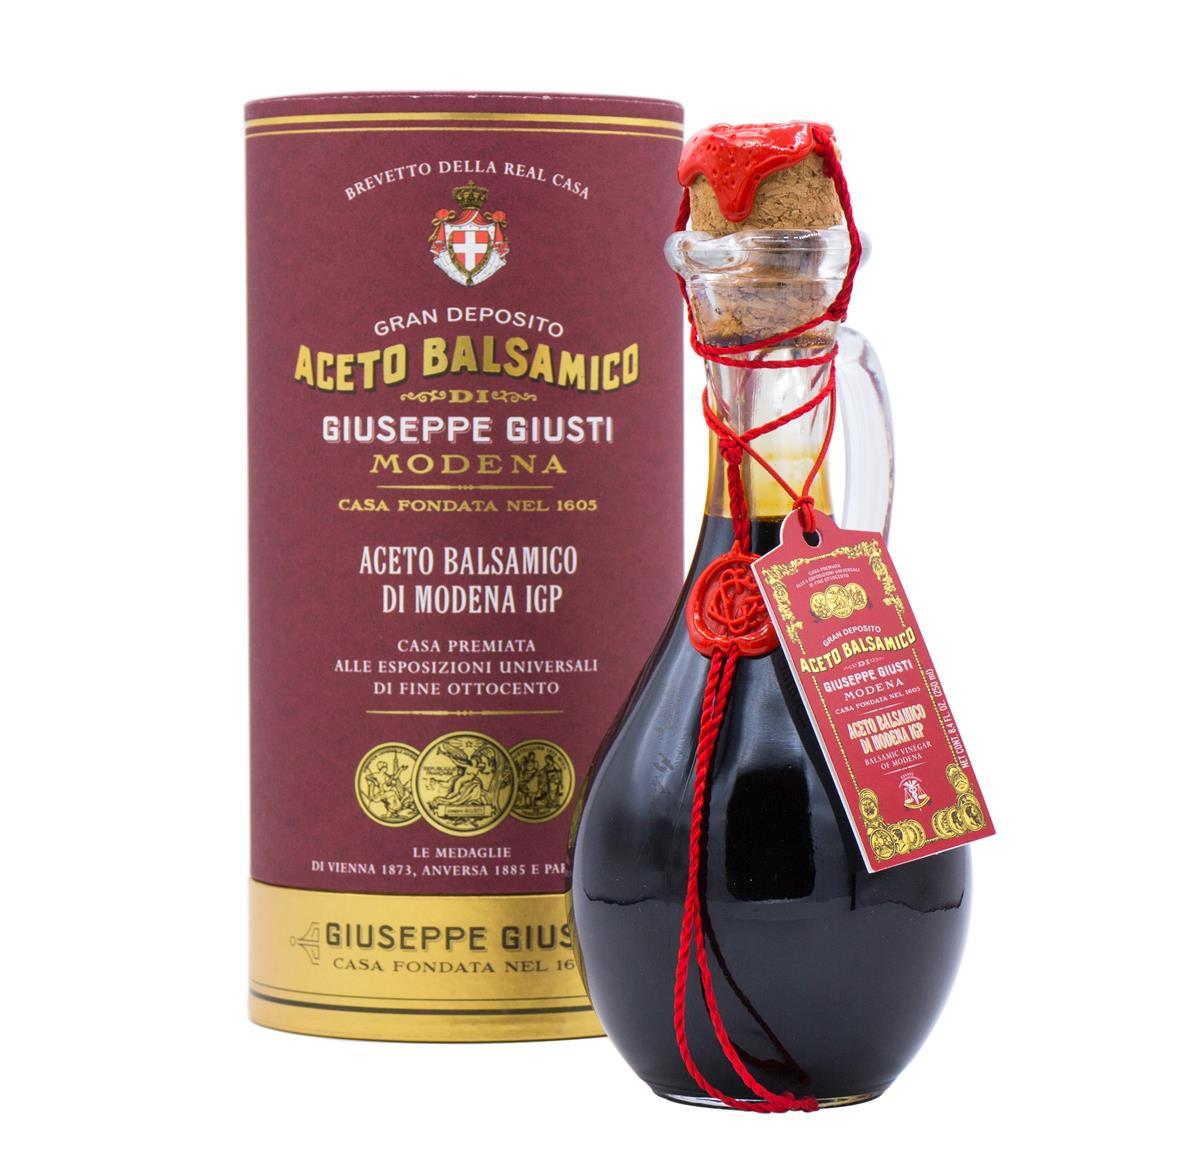 Aceto Balsamico di Modena IGP - 3 Medaglie d'Oro - Anforina Modenese in cappelliera da 250 ml